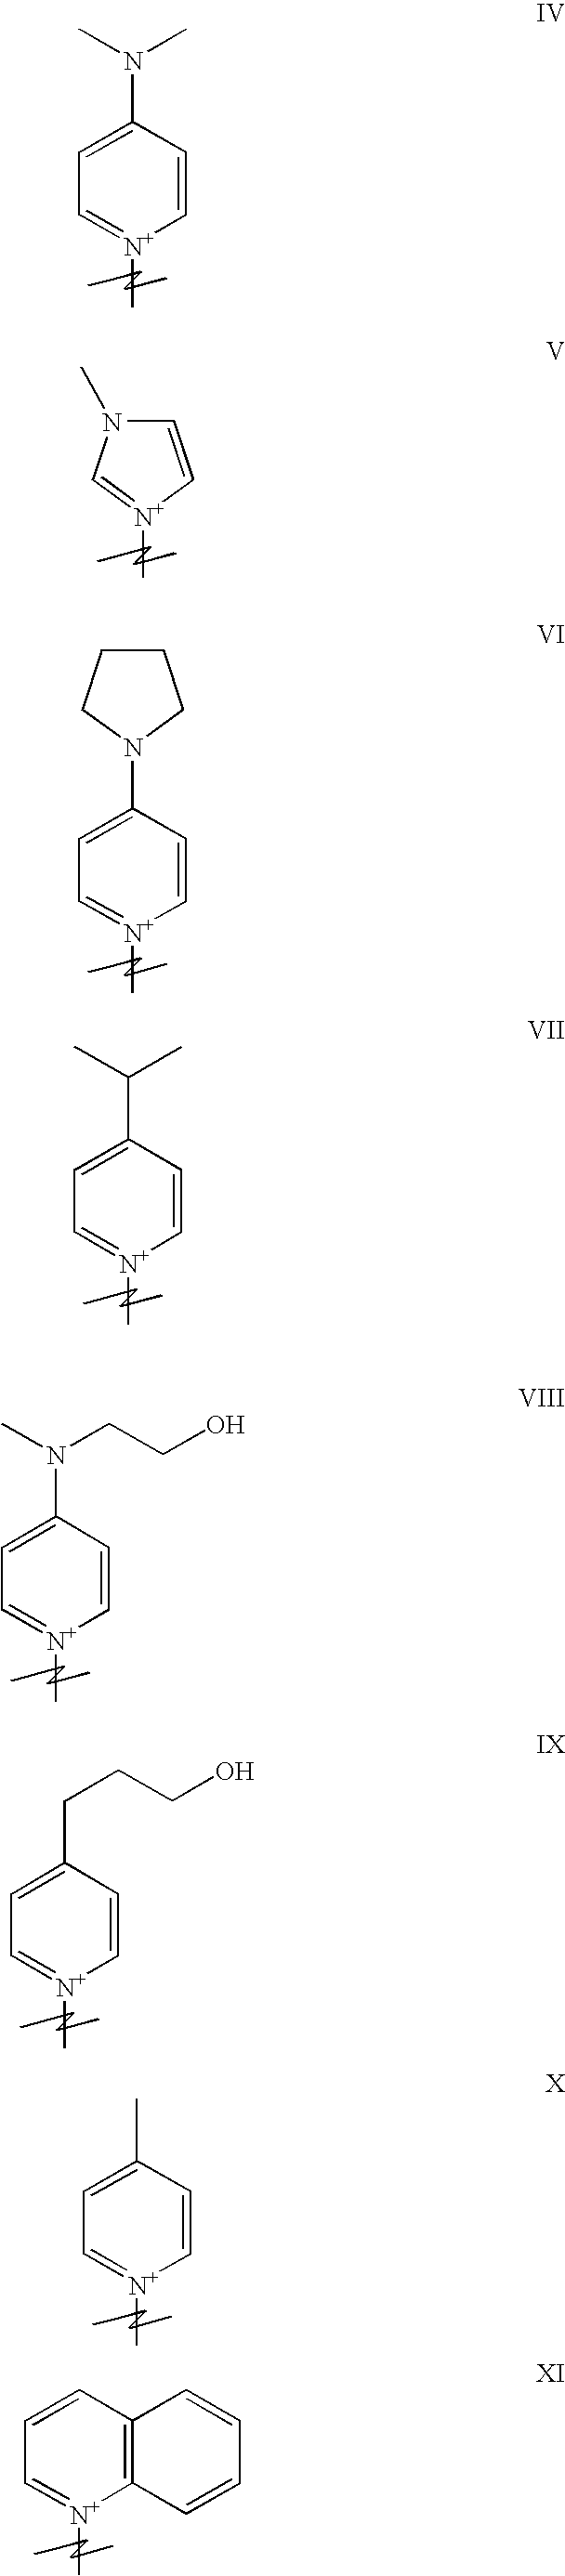 Figure US20080039533A1-20080214-C00006